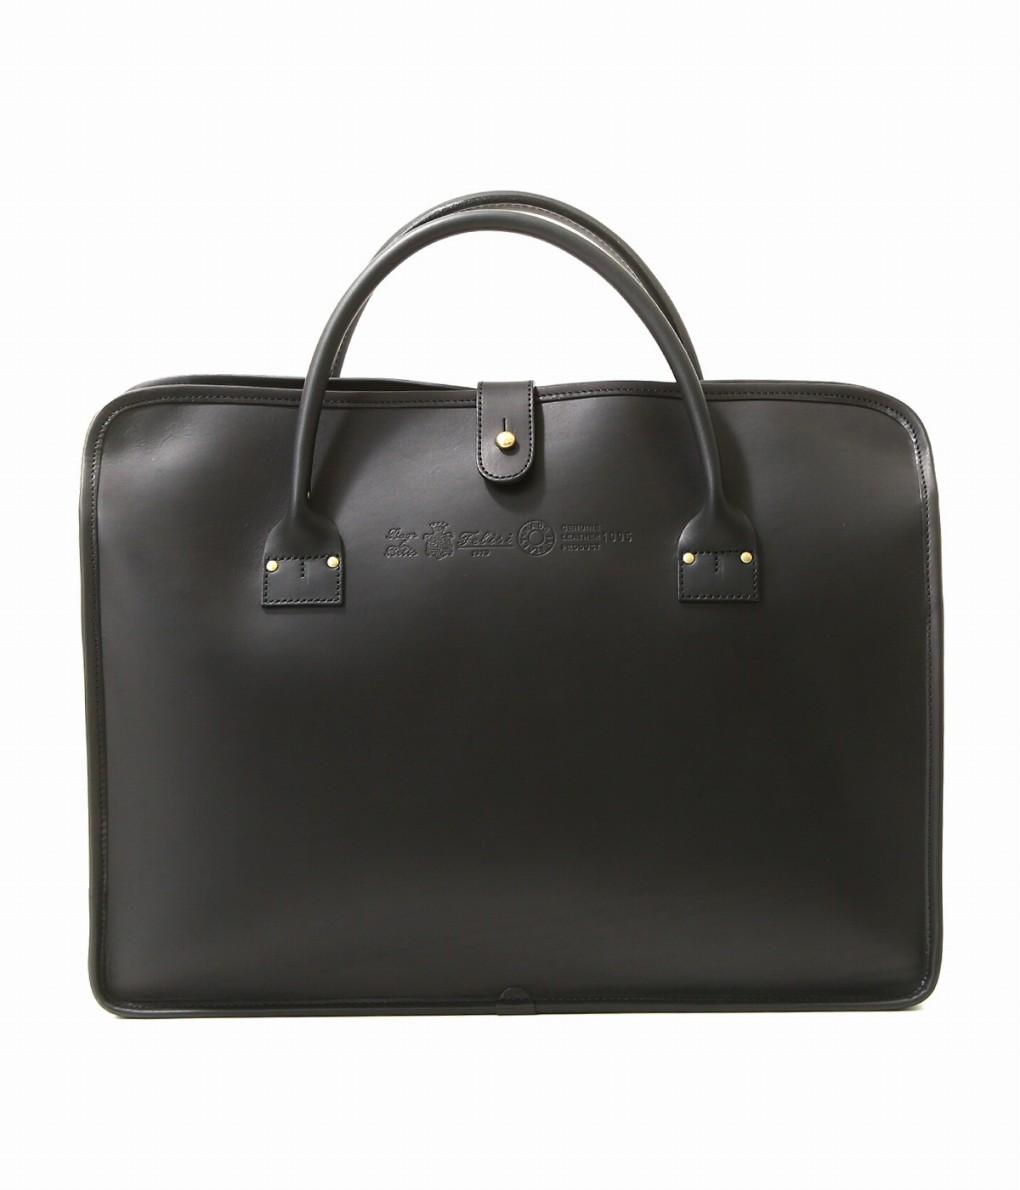 Felisi / フェリージ : Business Bag : 仕事用 バッグ レザー ナイロン 本革 メンズ : 1995-ADS-009 【MUS】